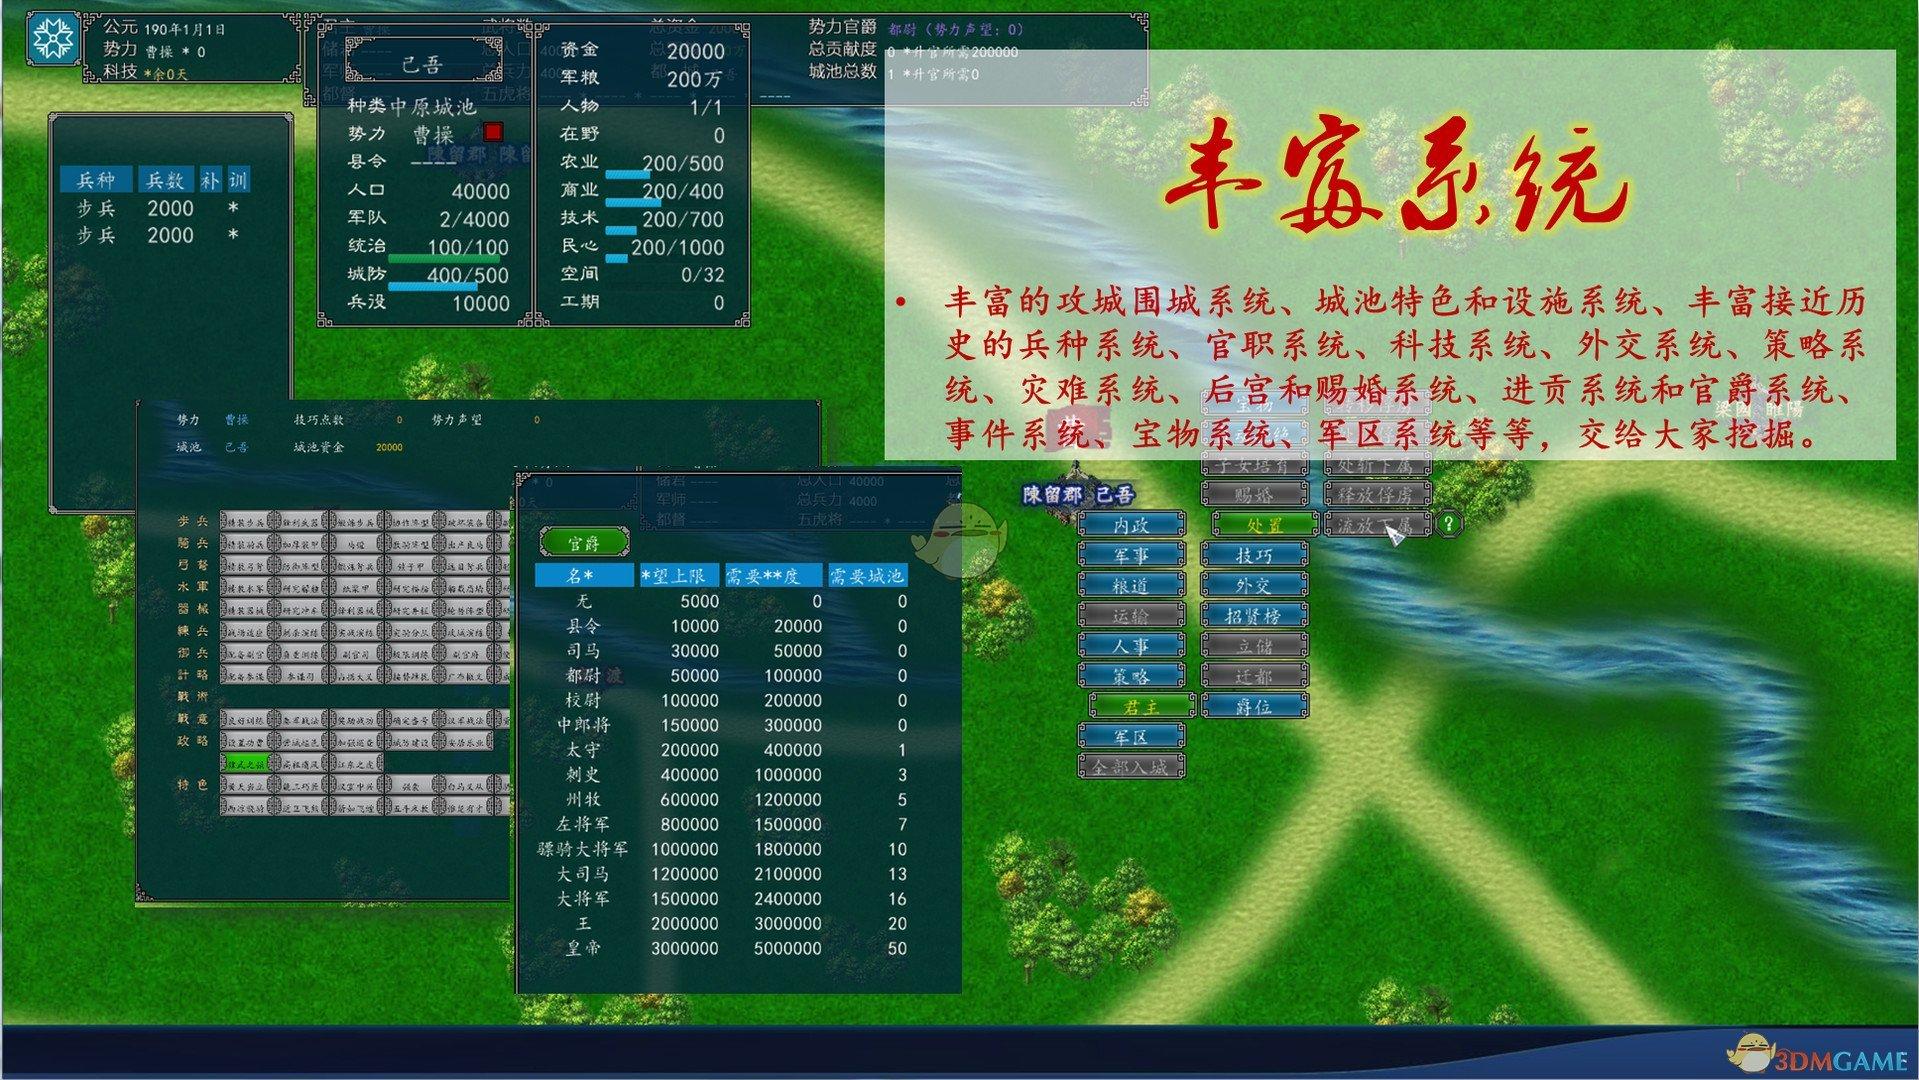 《中华三国志》更改扩建条件方法介绍